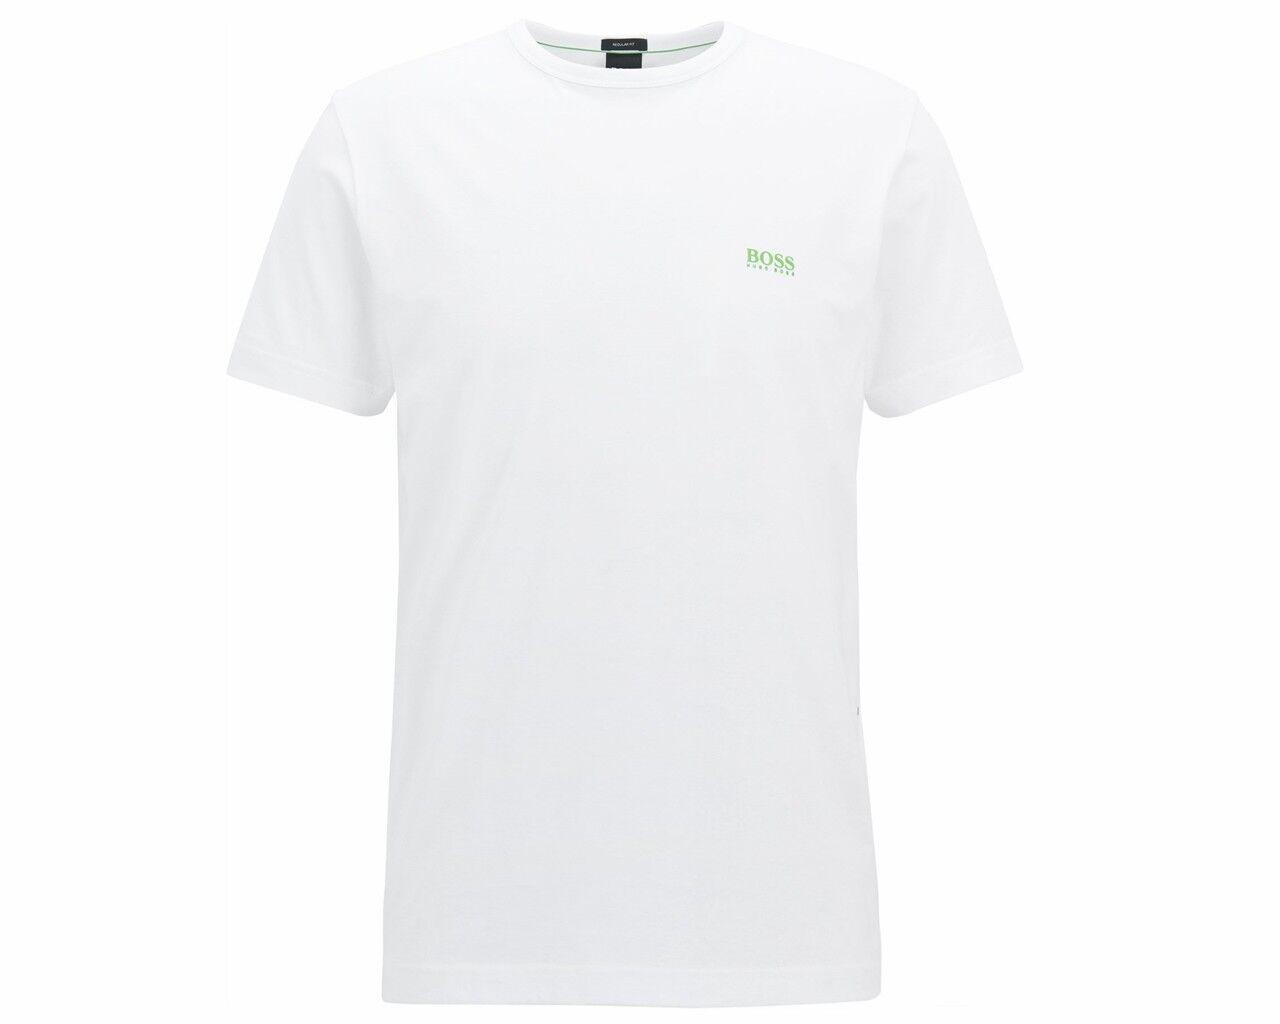 Hugo Boss Grün Tee 50245195 100 Regular Fit Crew Neck Mens T-Shirt Weiß